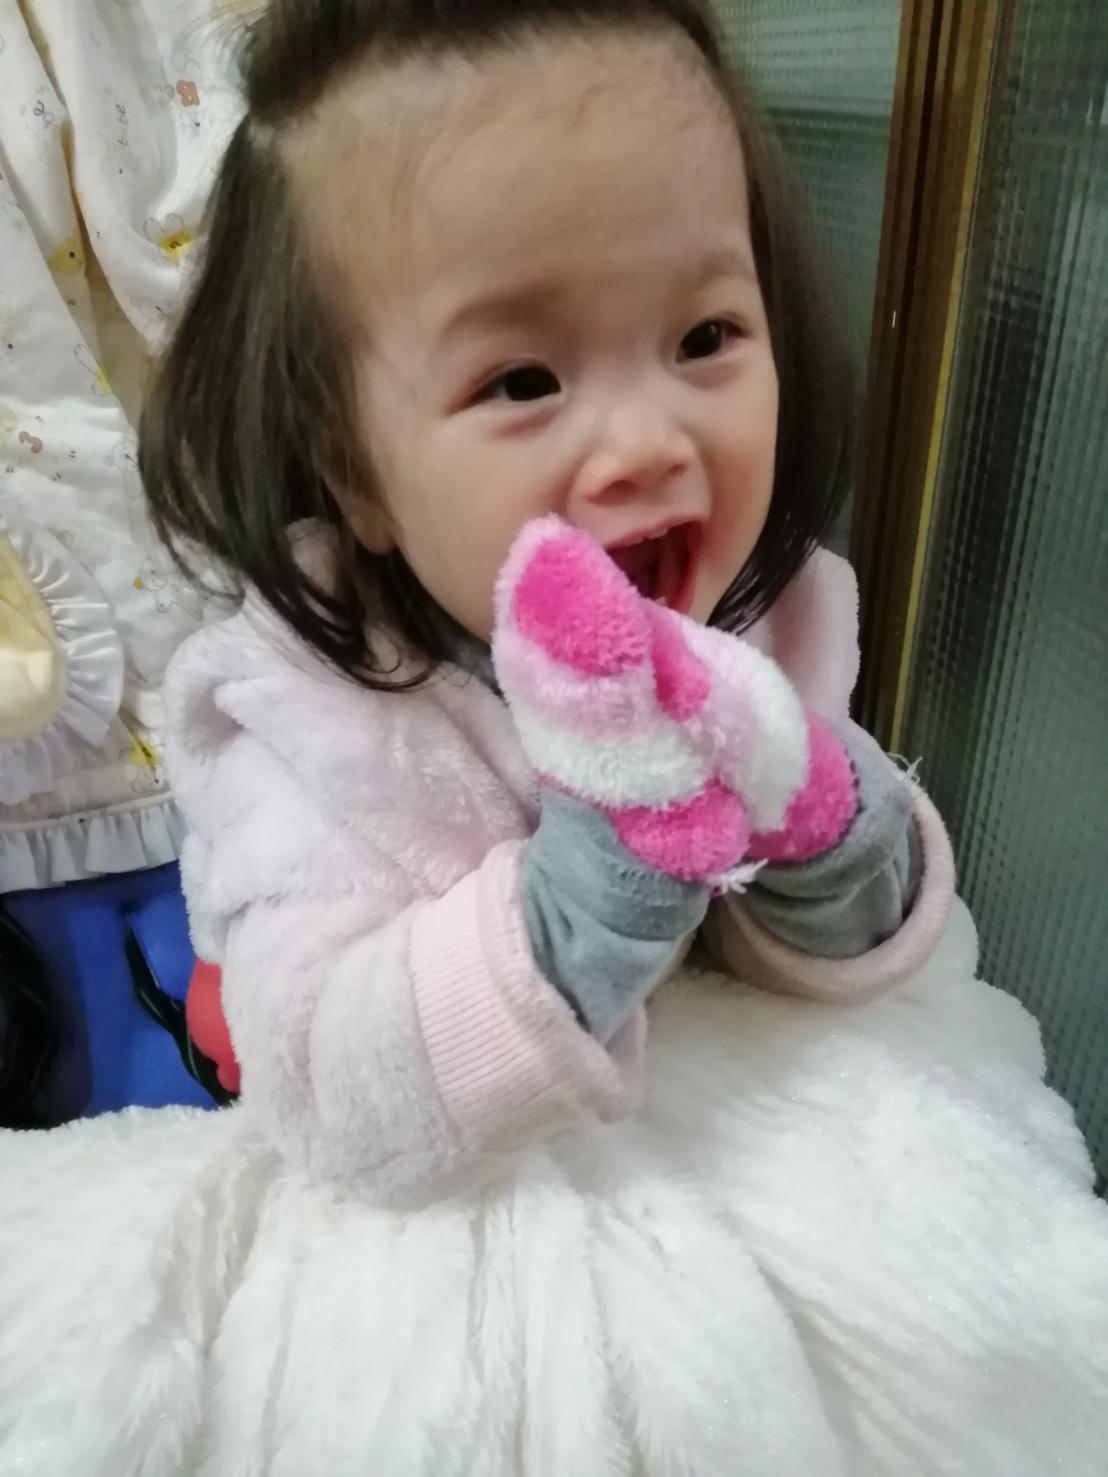 旅喵寶貝 喵掌戴著迷你手套,萌翻了!